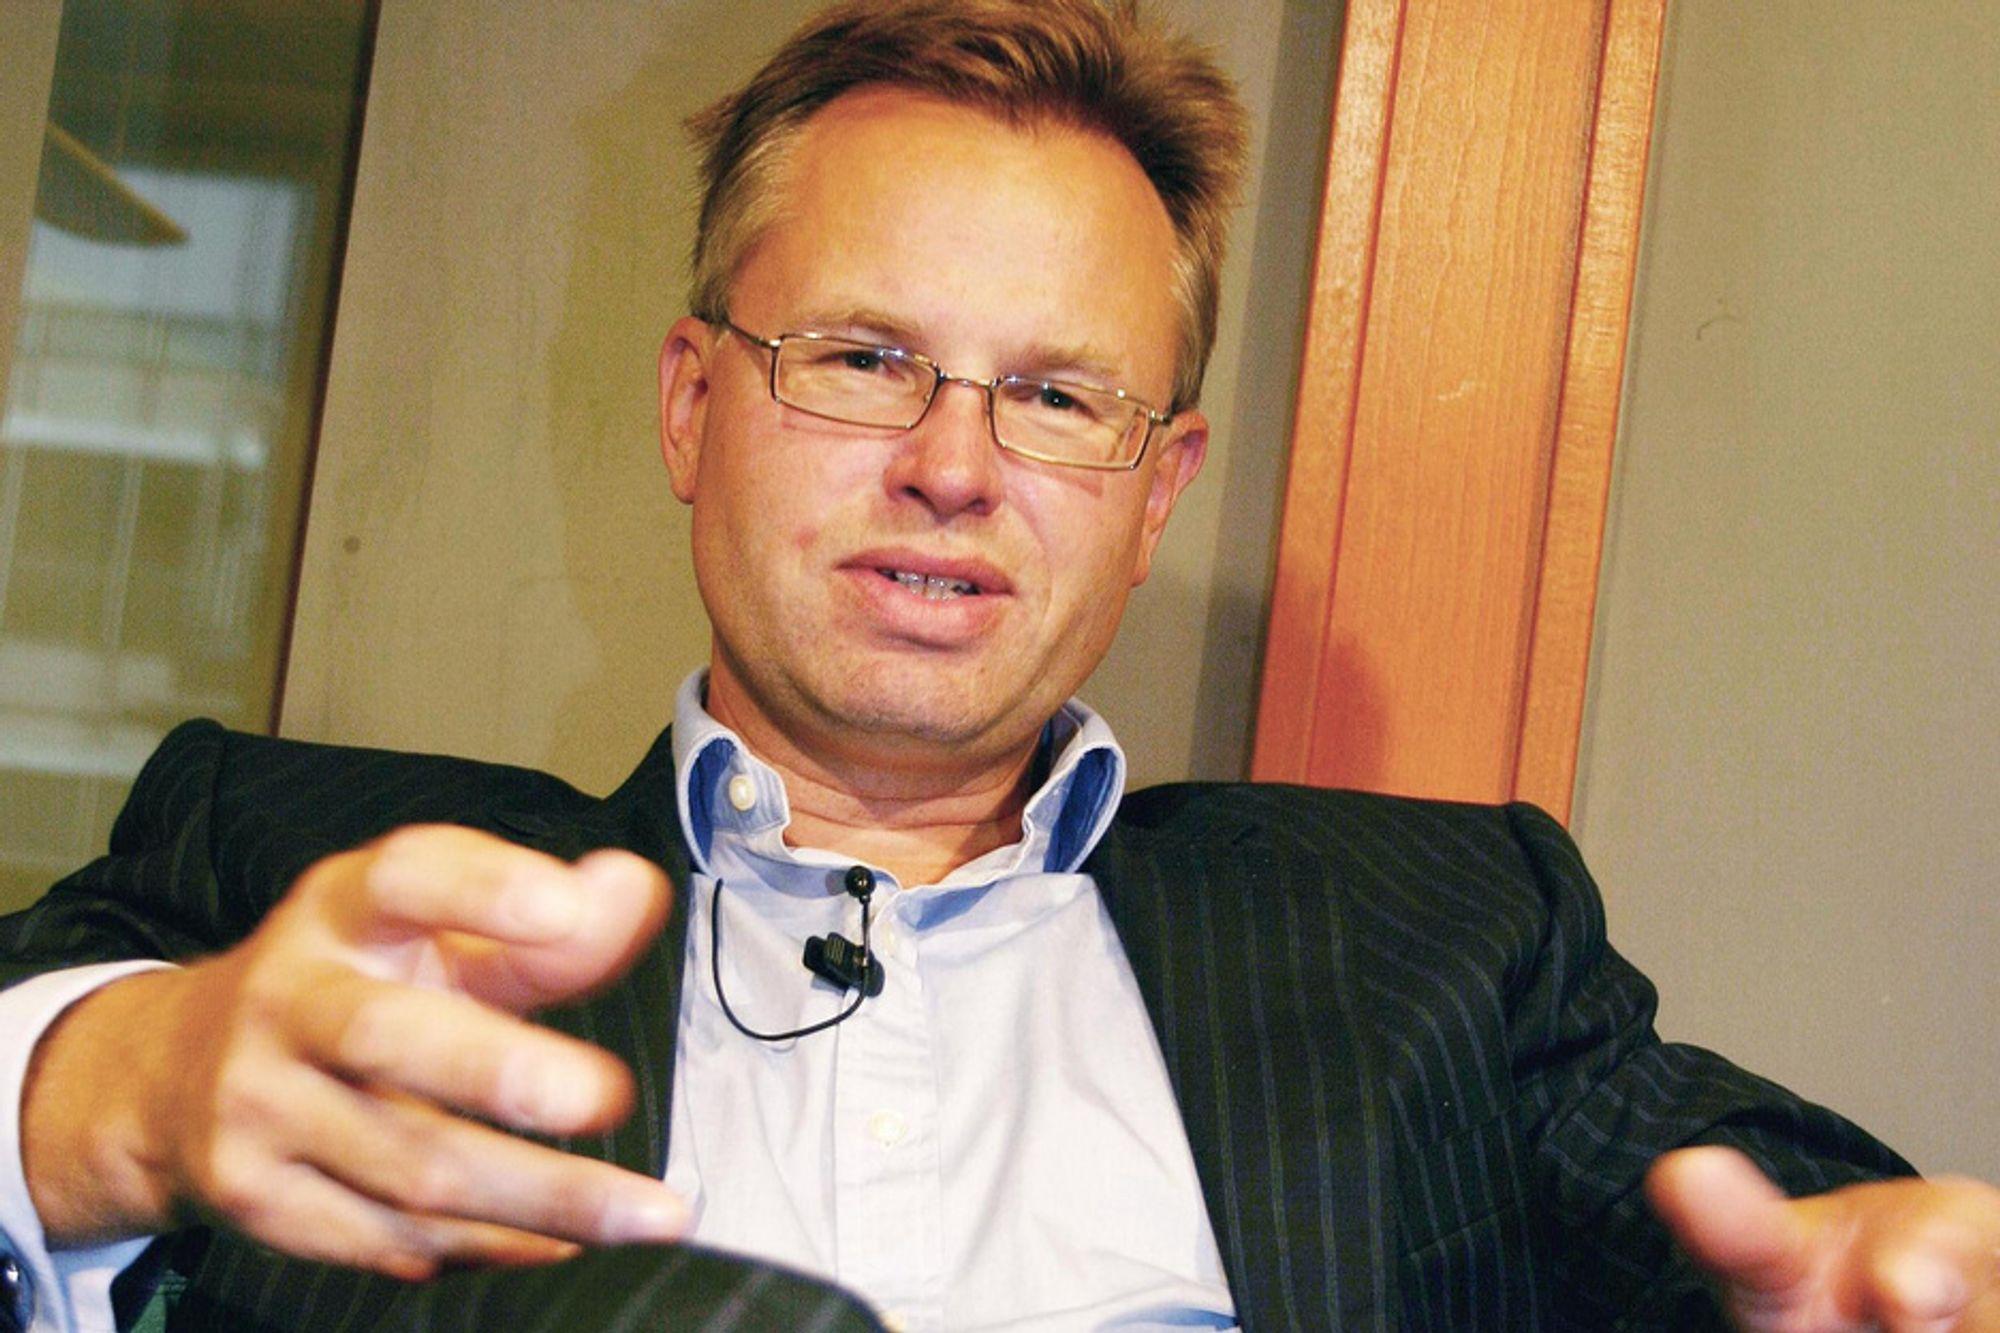 BLIR STØRRE: Visma-sjef Øystein Moan har funnet fram sjekkheftet for Sirius IT.